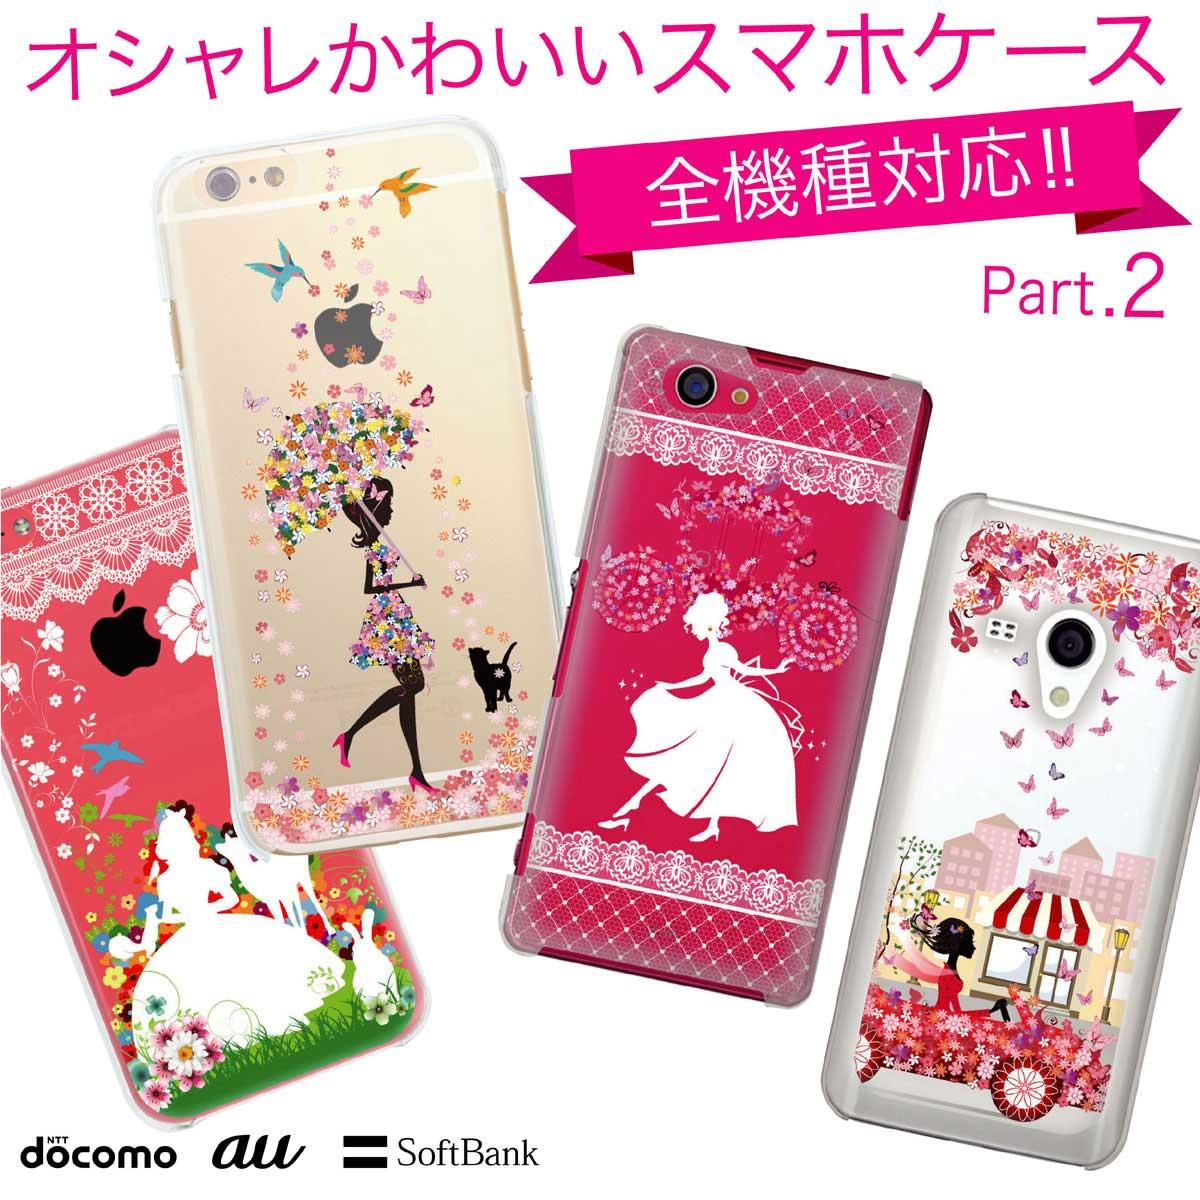 スマホケース 全機種対応 ケース カバー ハードケース クリアケース iPhoneXS Max iPhoneXR iPhoneX iPhone8 Plus iPhone7 iPhone6s iPhone SE 5s Xperia XZ3 XZ2 XZ1 XZ XZs SO-01L SO-05K SO-03K aquos R2 R SH-03K galaxy S9 S8 アリス 01-zen-kawaii